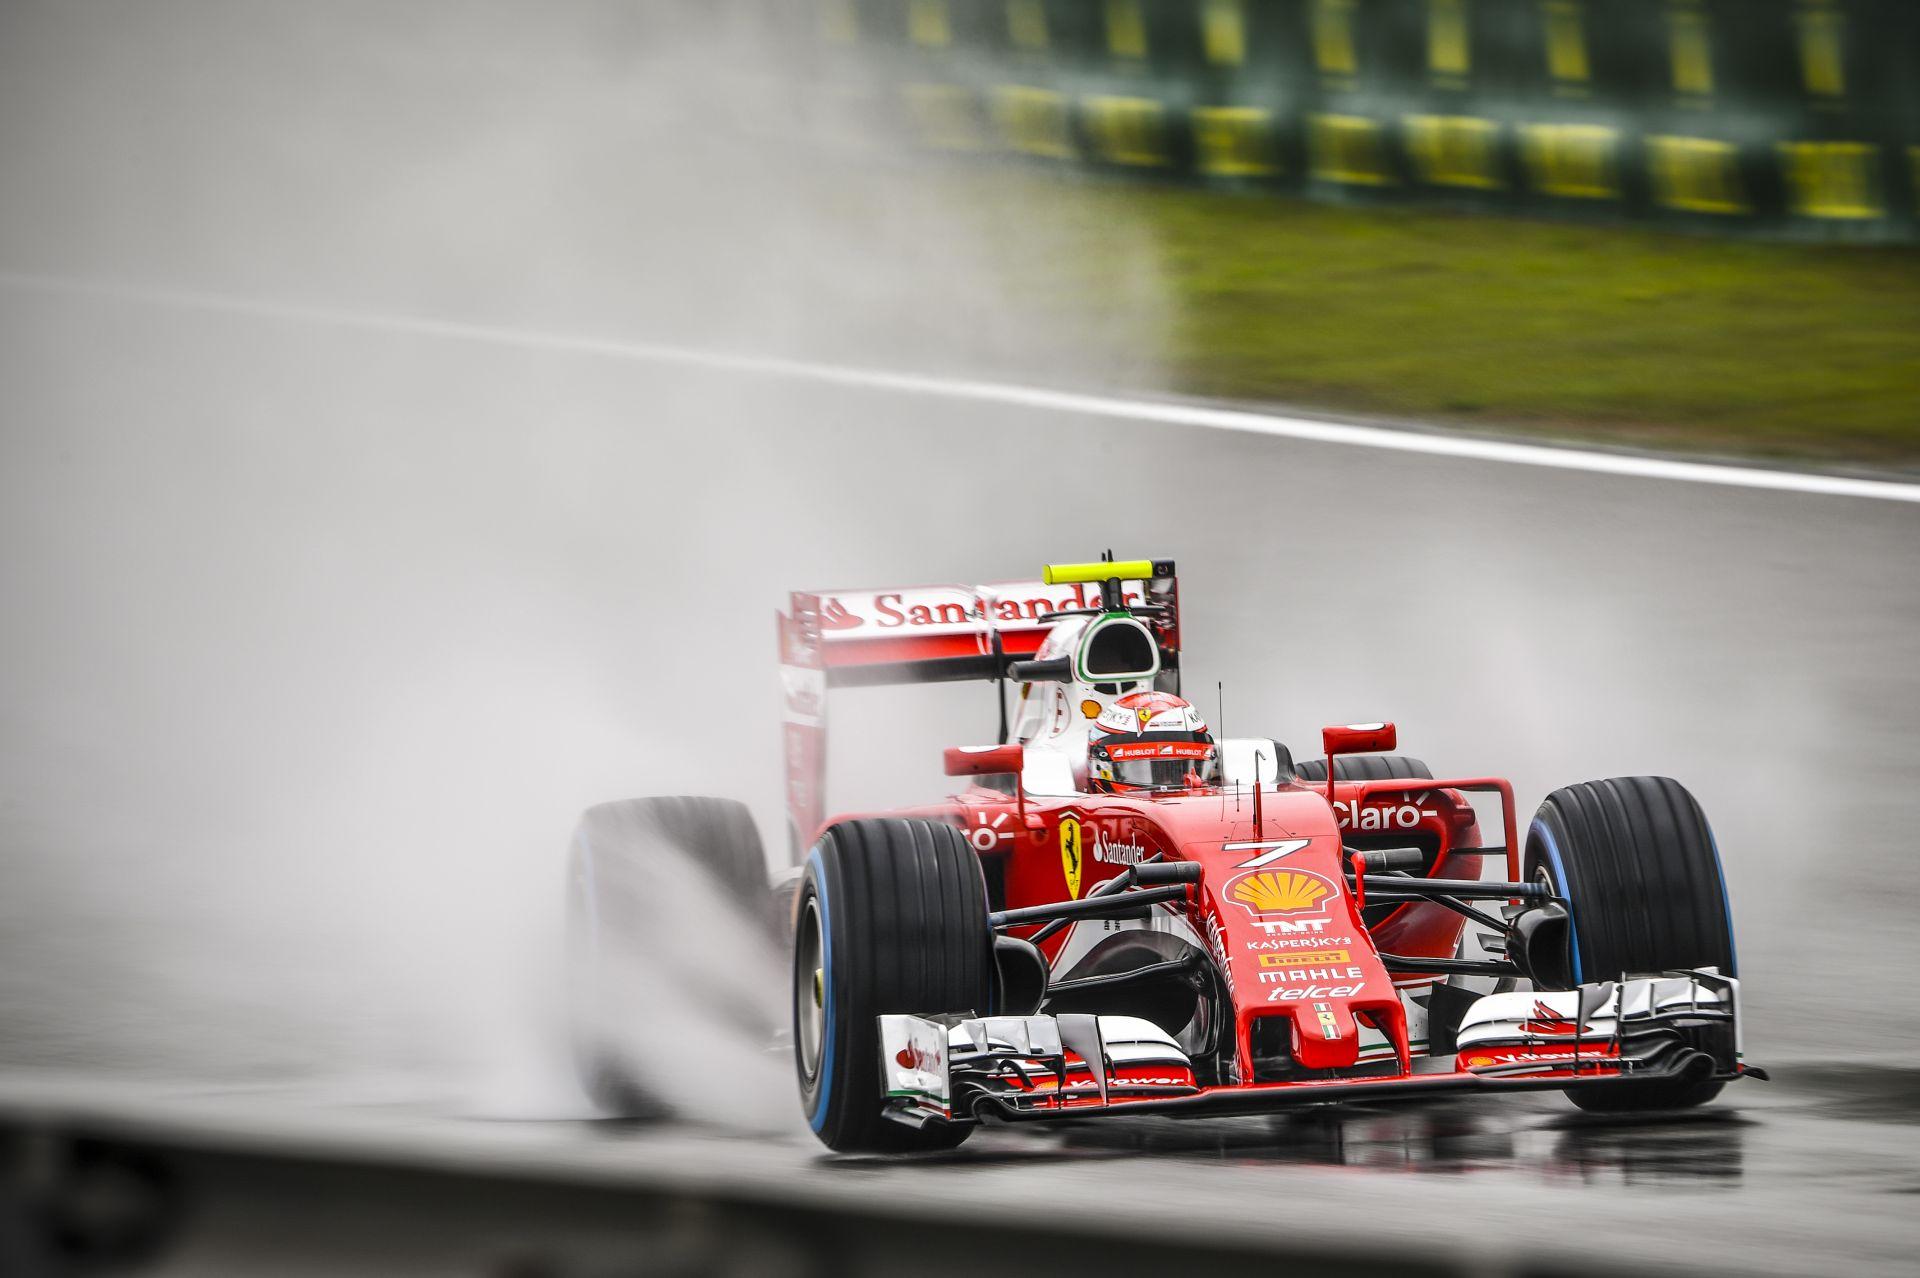 Egy ilyen F1-es autó, és hangunk nem lenne a külsőre